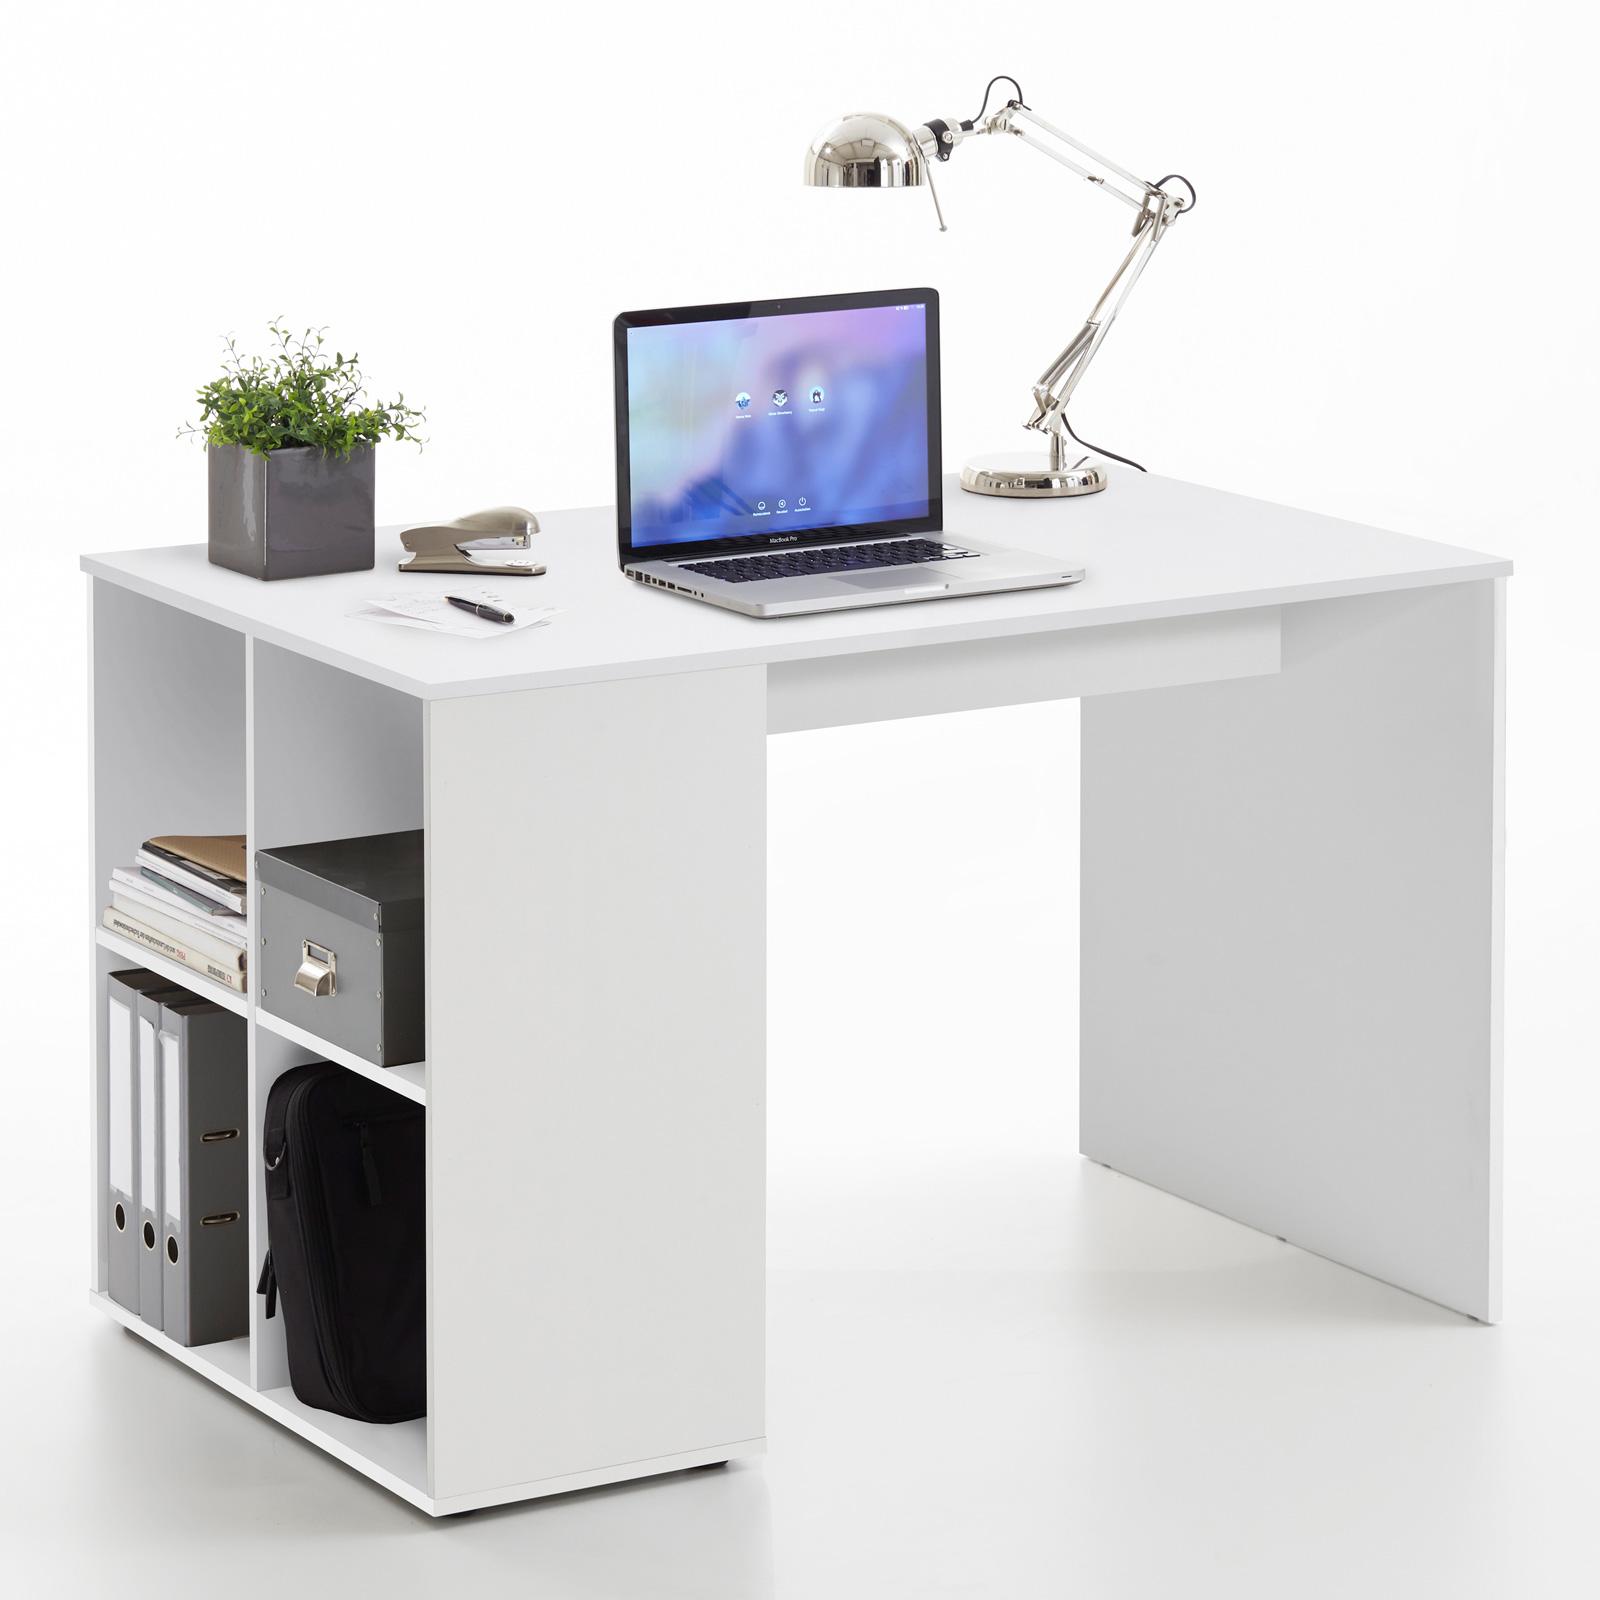 schreibtisch gent computertisch b rotisch pc tisch home office sandeiche wei ebay. Black Bedroom Furniture Sets. Home Design Ideas